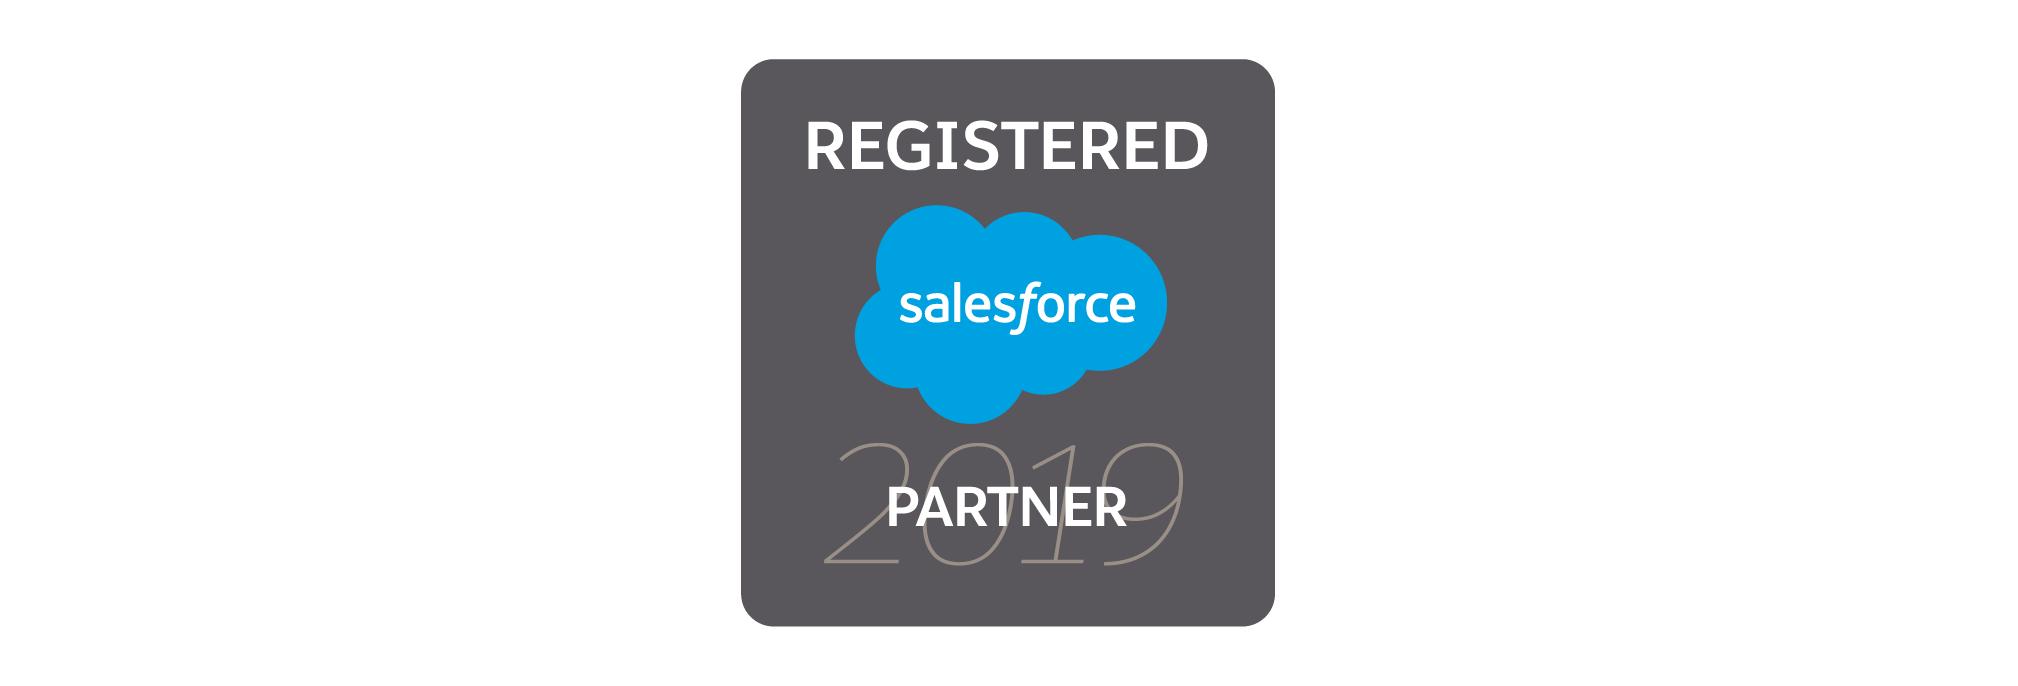 2019_Salesforce_Partner_Badge_Registered_RGB copy.png